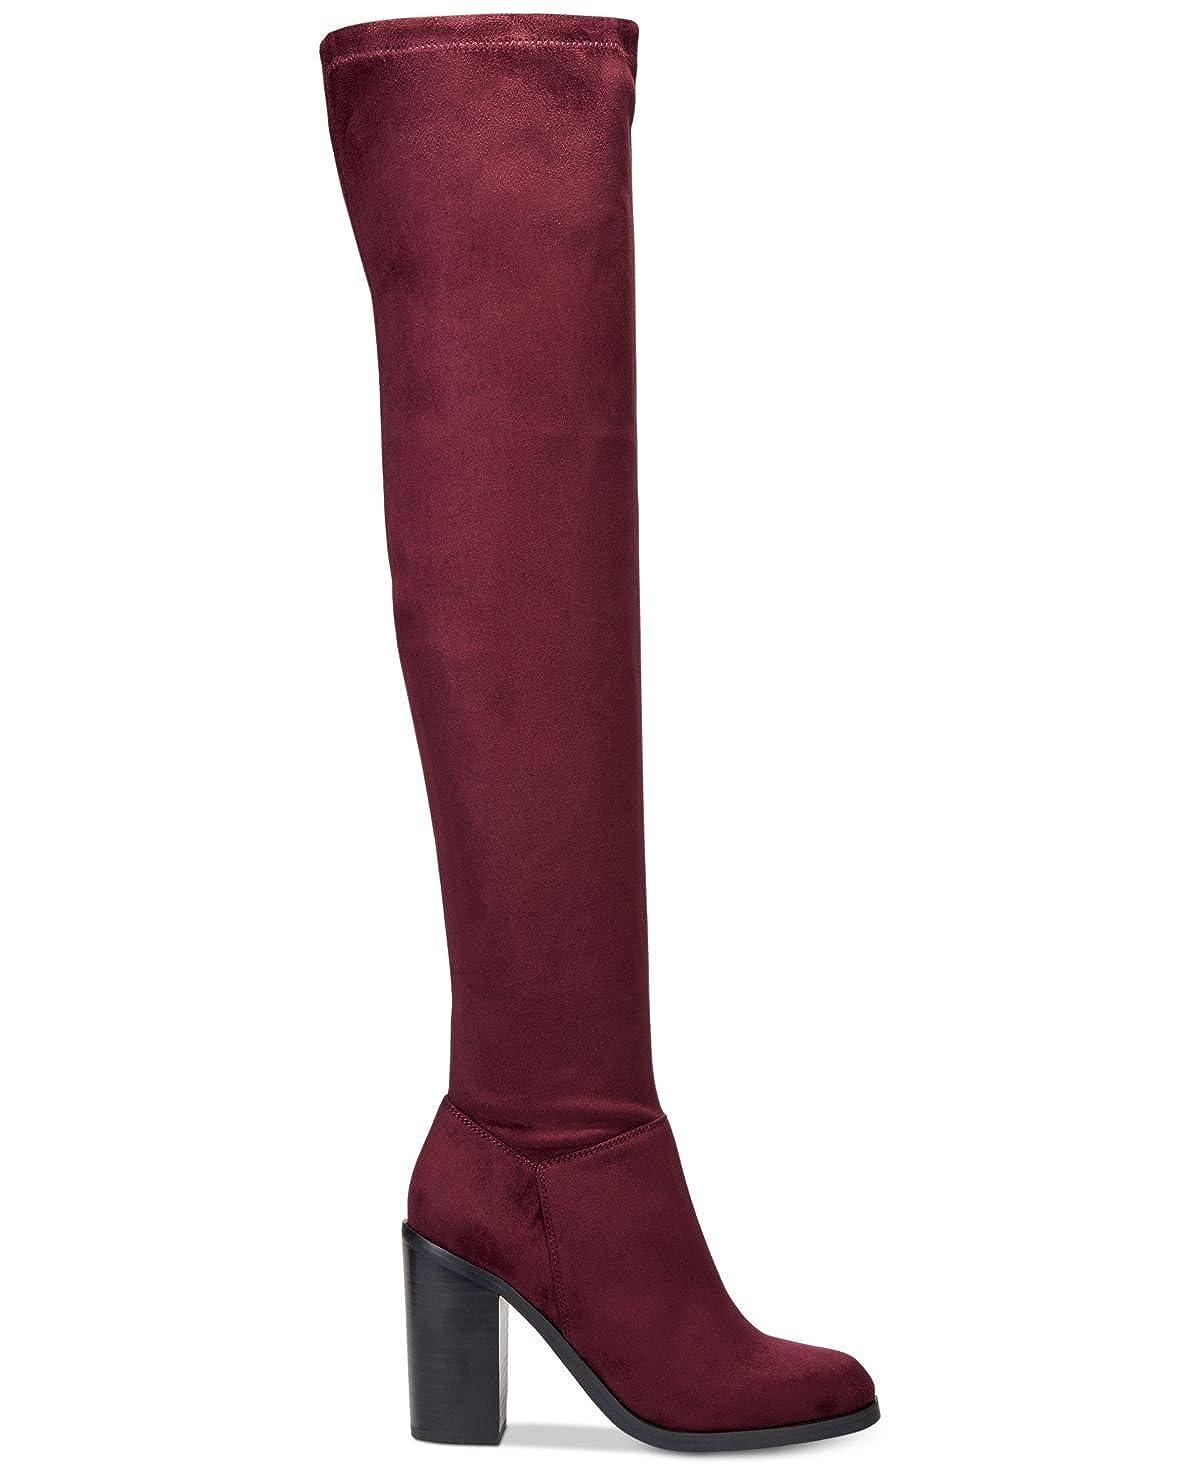 Bar III III III Frauen Diandra Geschlossener Zeh Fashion Stiefel 936f0e